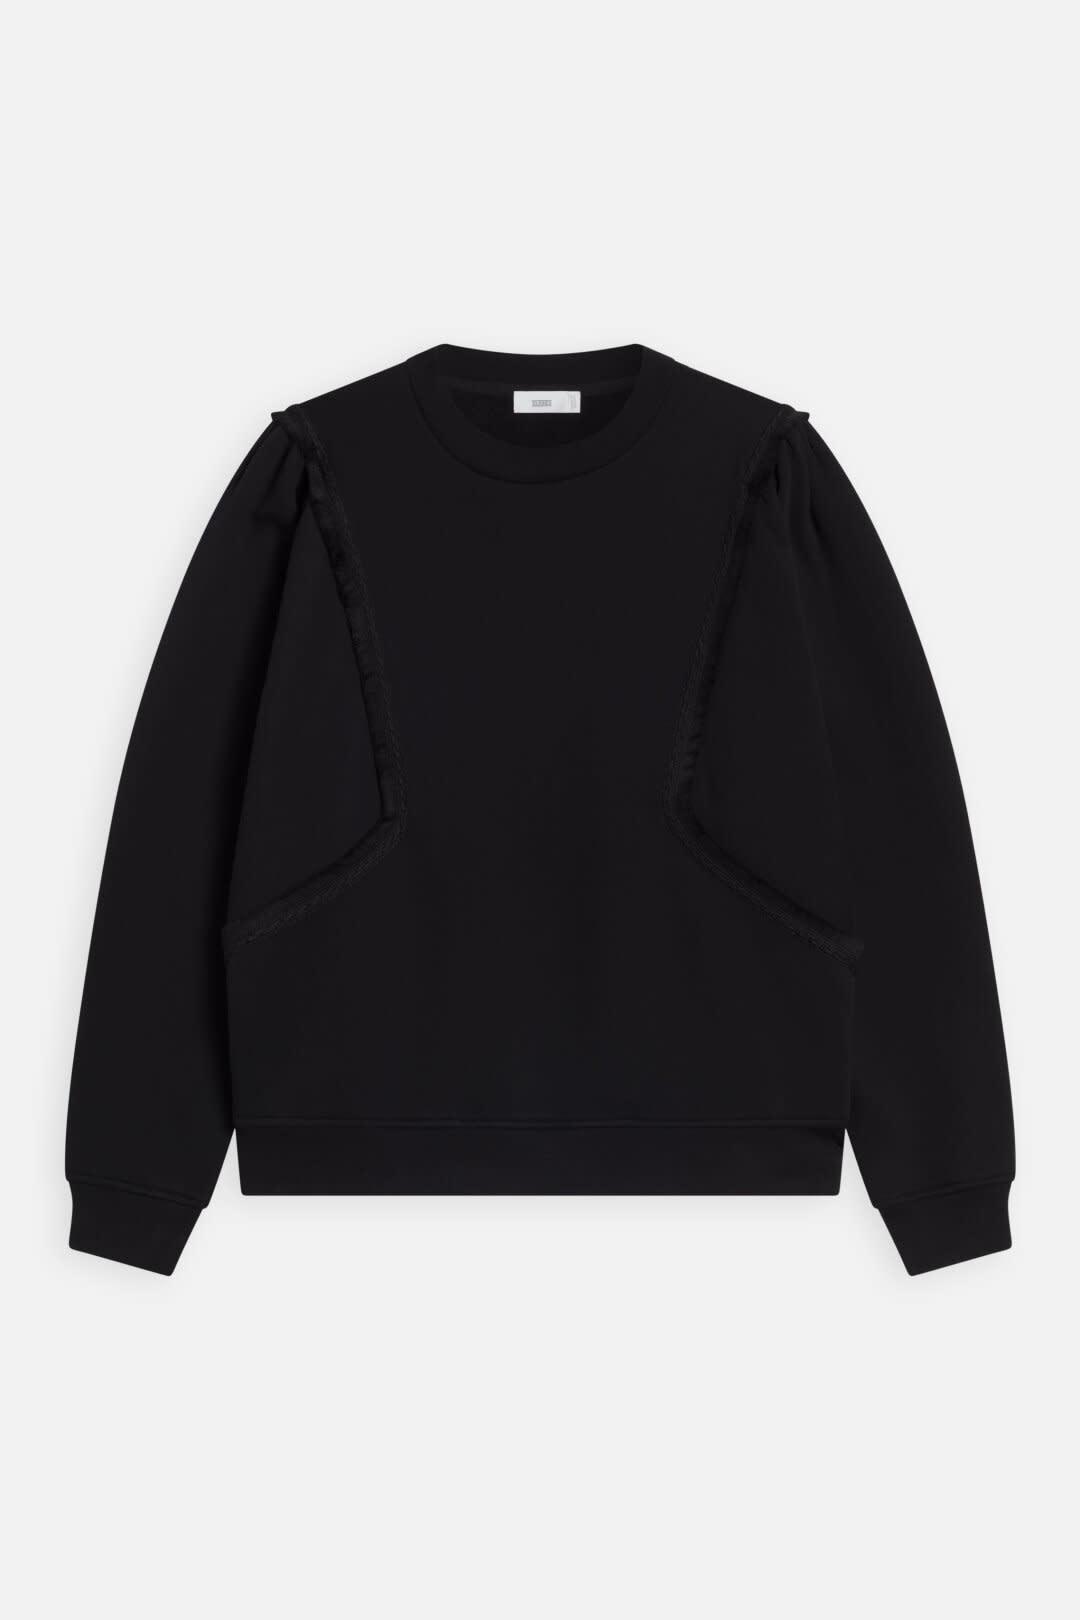 sweater fringe black-1